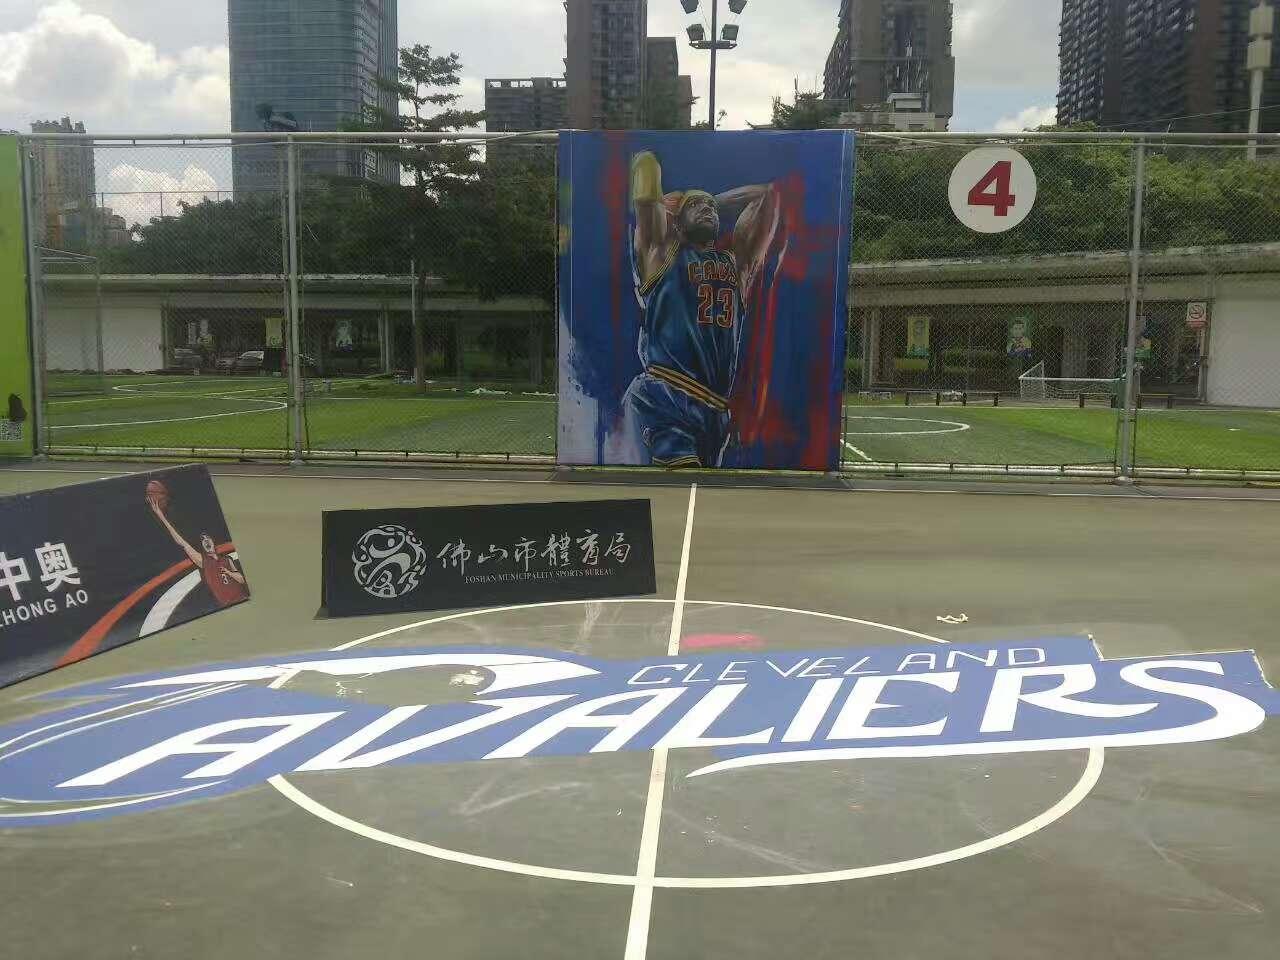 佛山禅城区岭南明珠体育馆 室外丙烯酸篮球场NBA球队涂鸦